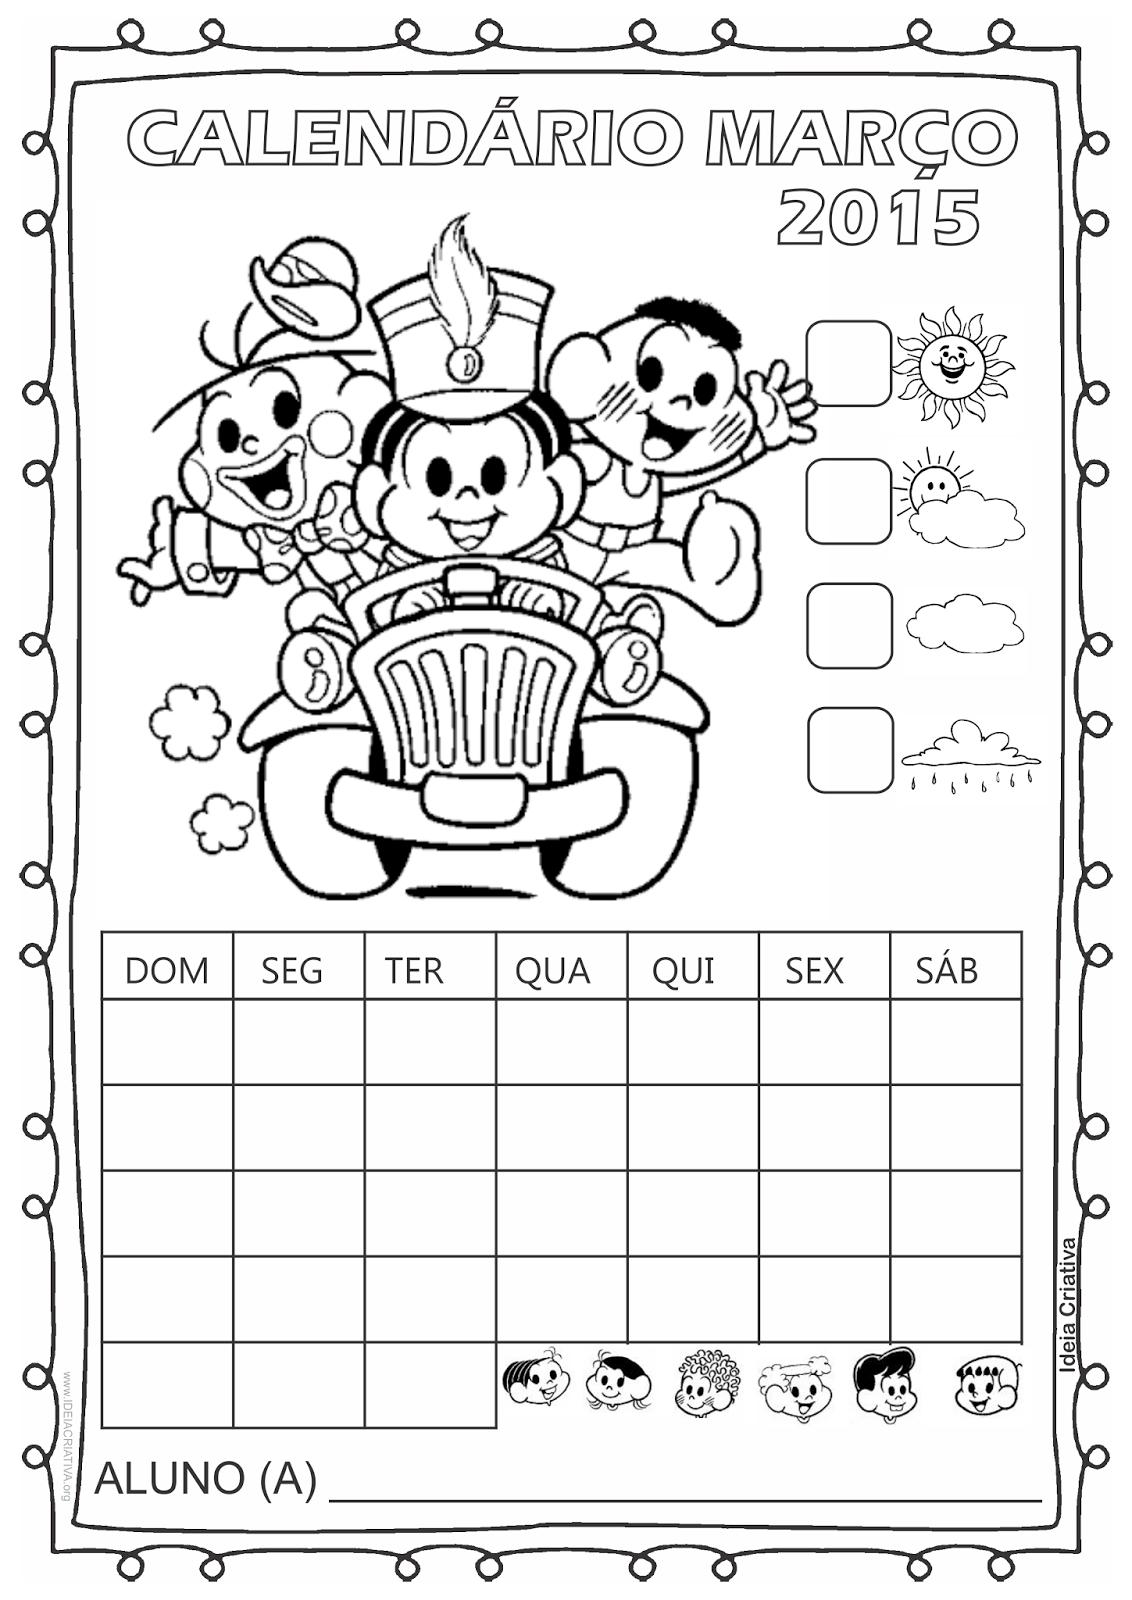 Calendário Turma da Mônica 2015 para Imprimir Março Dia do Circo